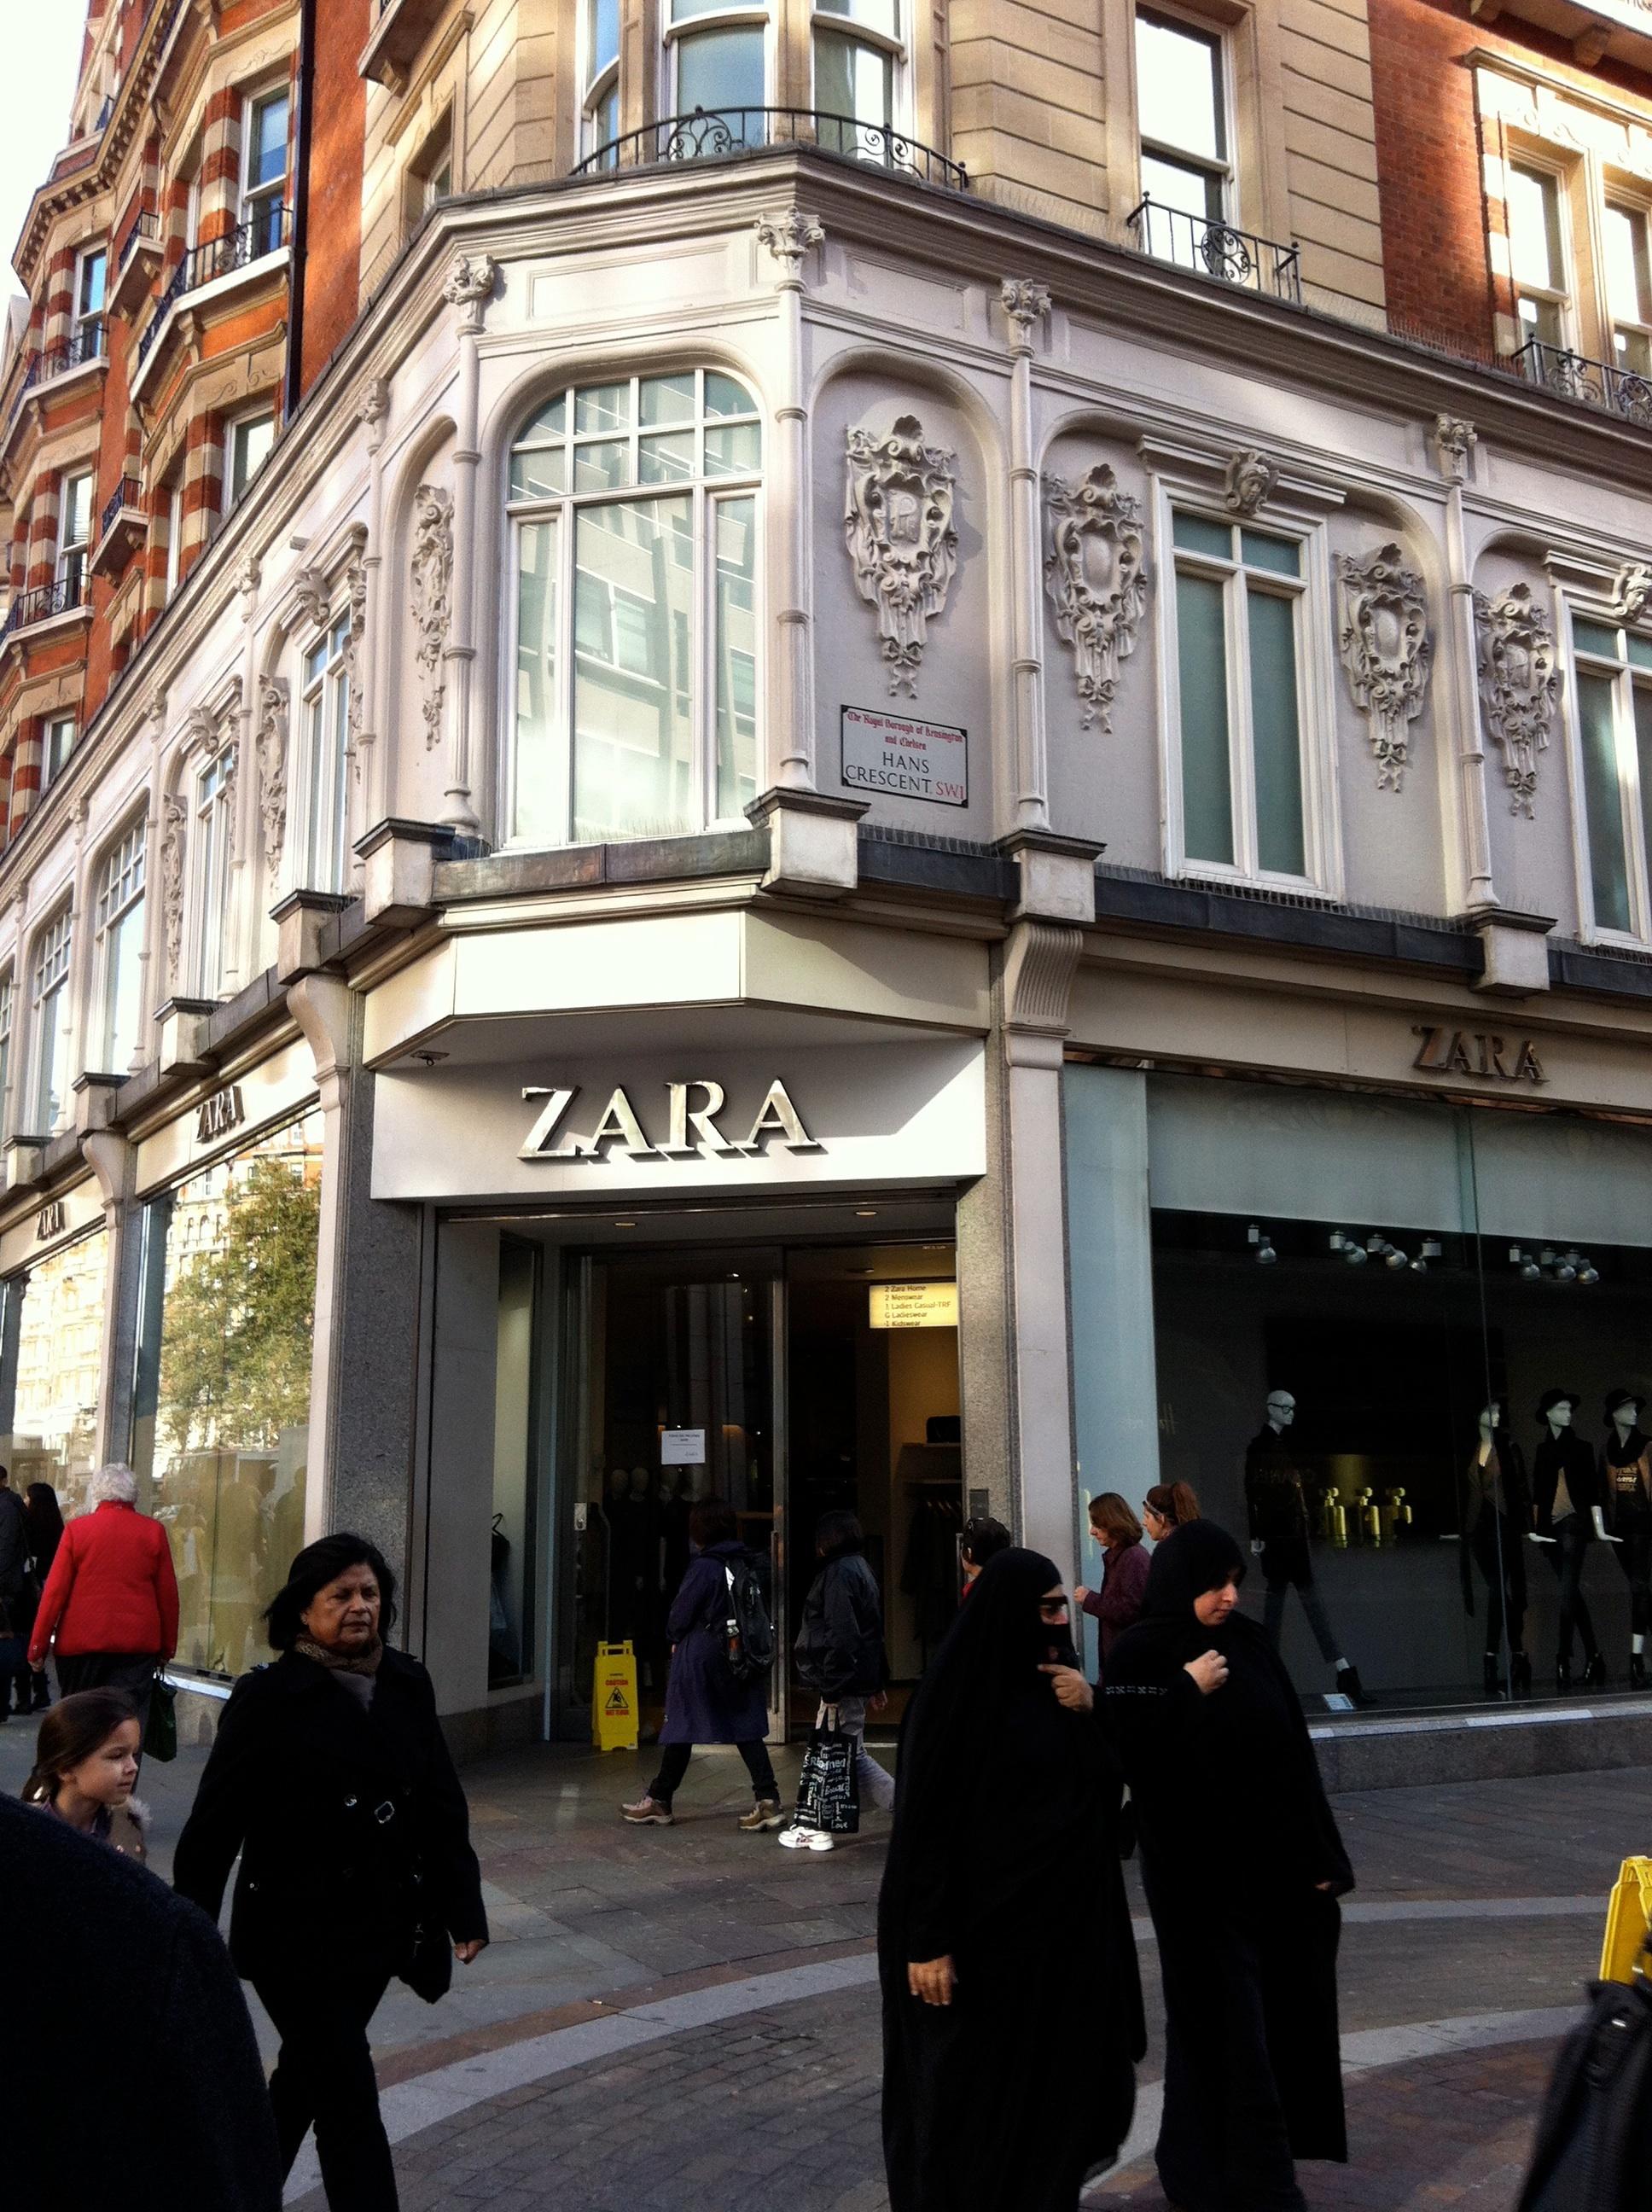 Http Www Zara Com Us En Kids Boy C   Years New In C Html